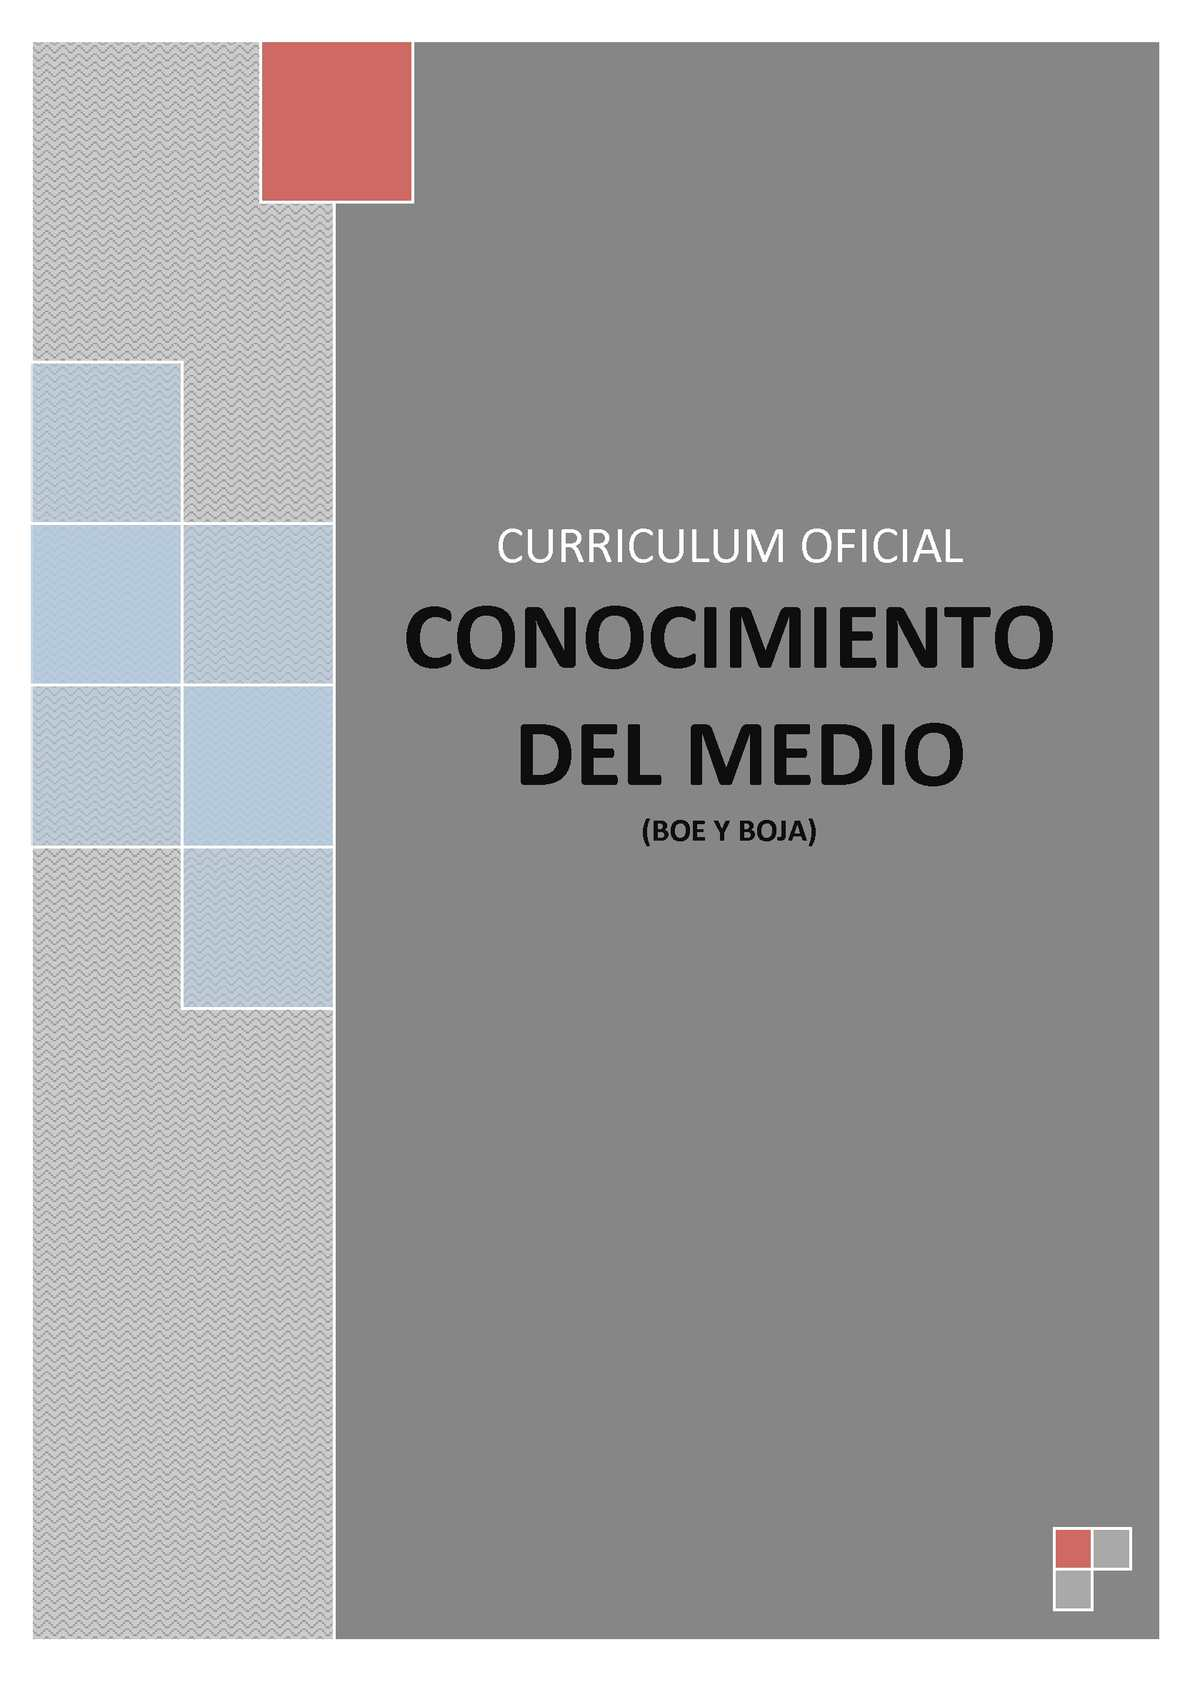 Calaméo - CURRICULUM OFICIAL CONOCIMIENTO DEL MEDIO